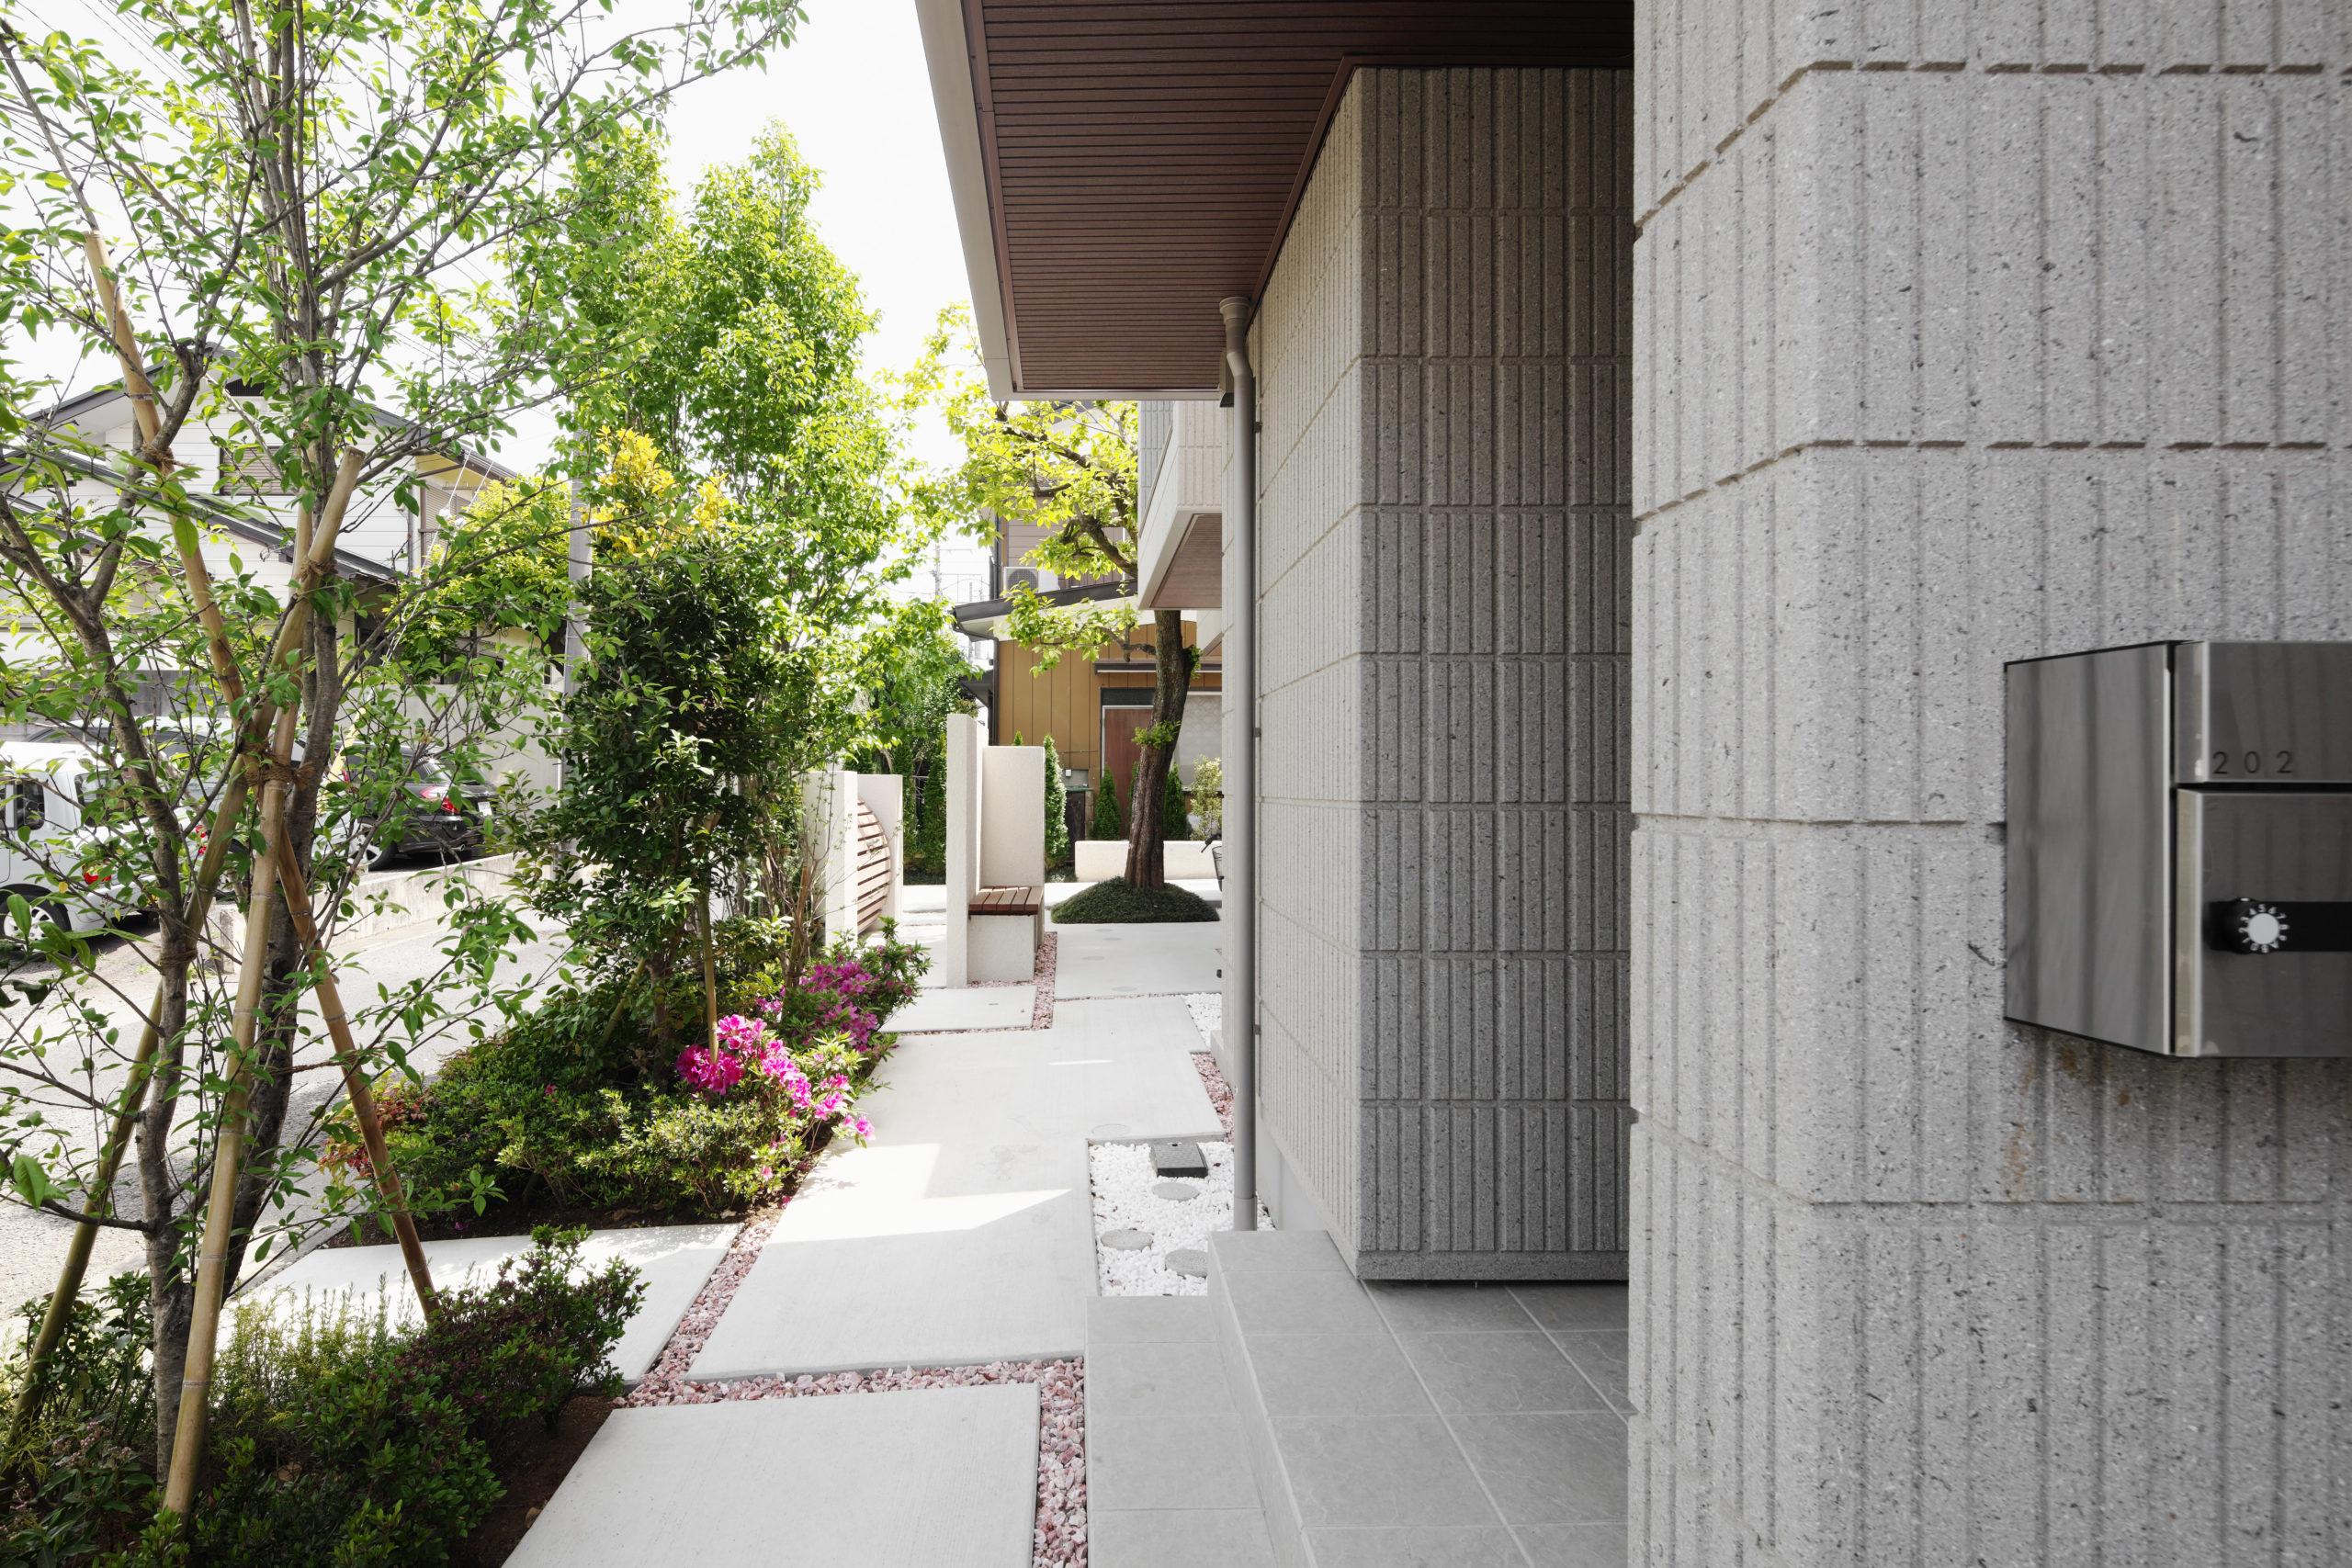 植栽の間を抜け、各住戸独立した導線を確保。床材と床材をBrown gravelでアクセントをつけ、プライベート感を演出。